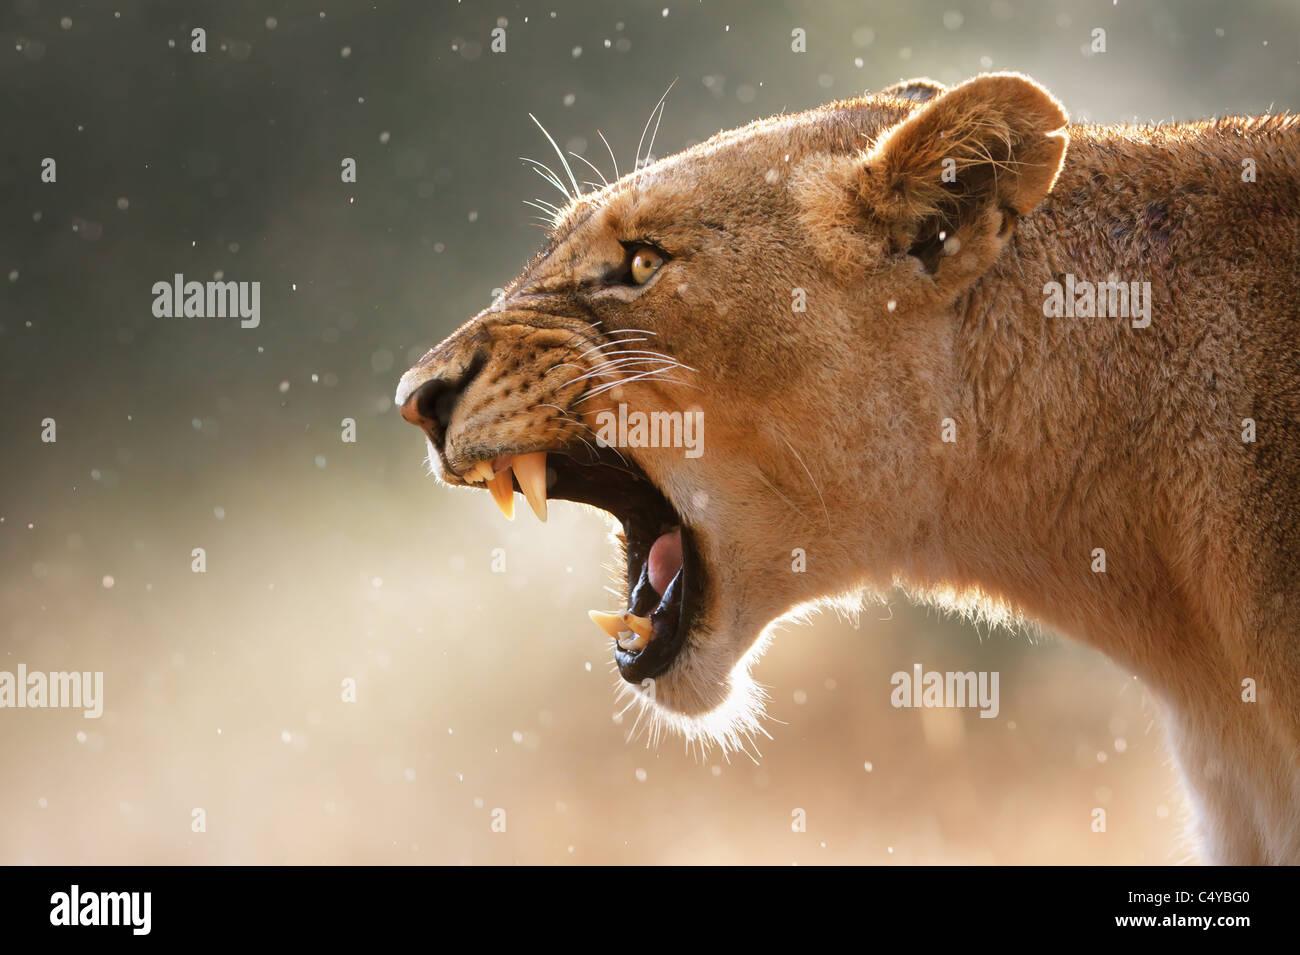 Lionne dents dangereux affiche lors d'une faible averse - Parc National Kruger - Afrique du Sud Photo Stock